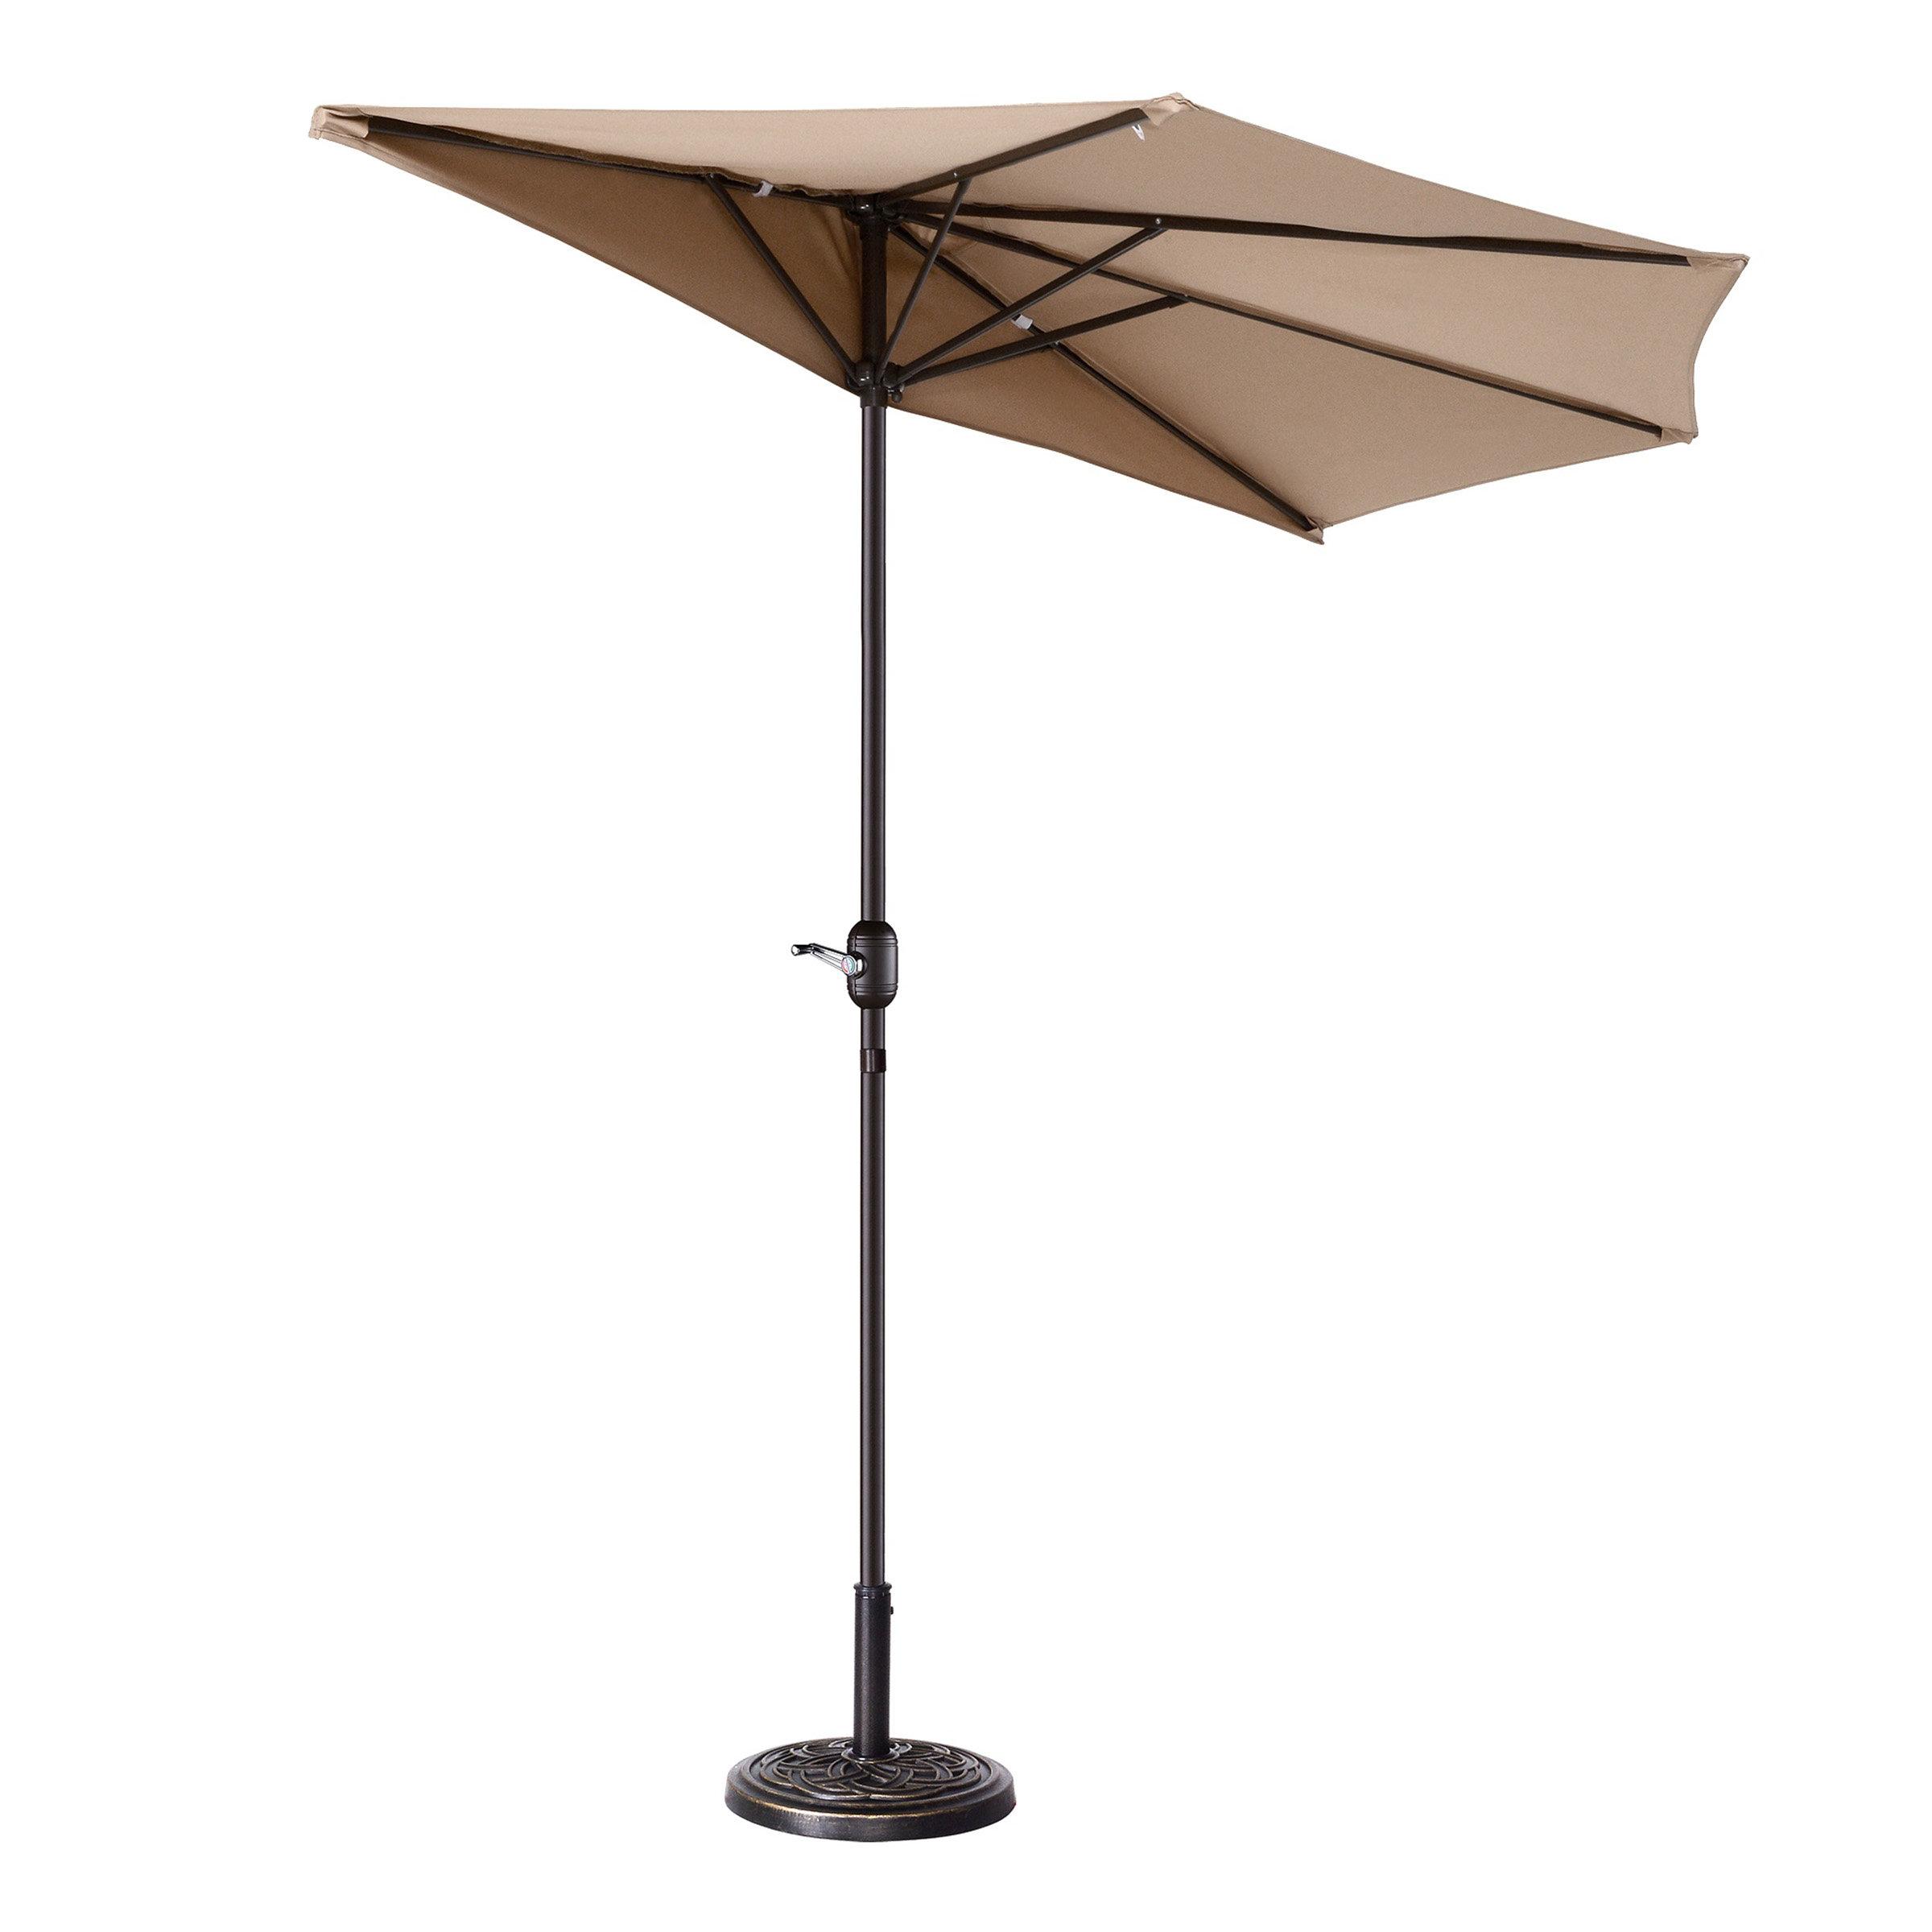 Iyanna Market Umbrellas With Regard To Best And Newest Colburn Half 9' Market Umbrella (Gallery 11 of 20)